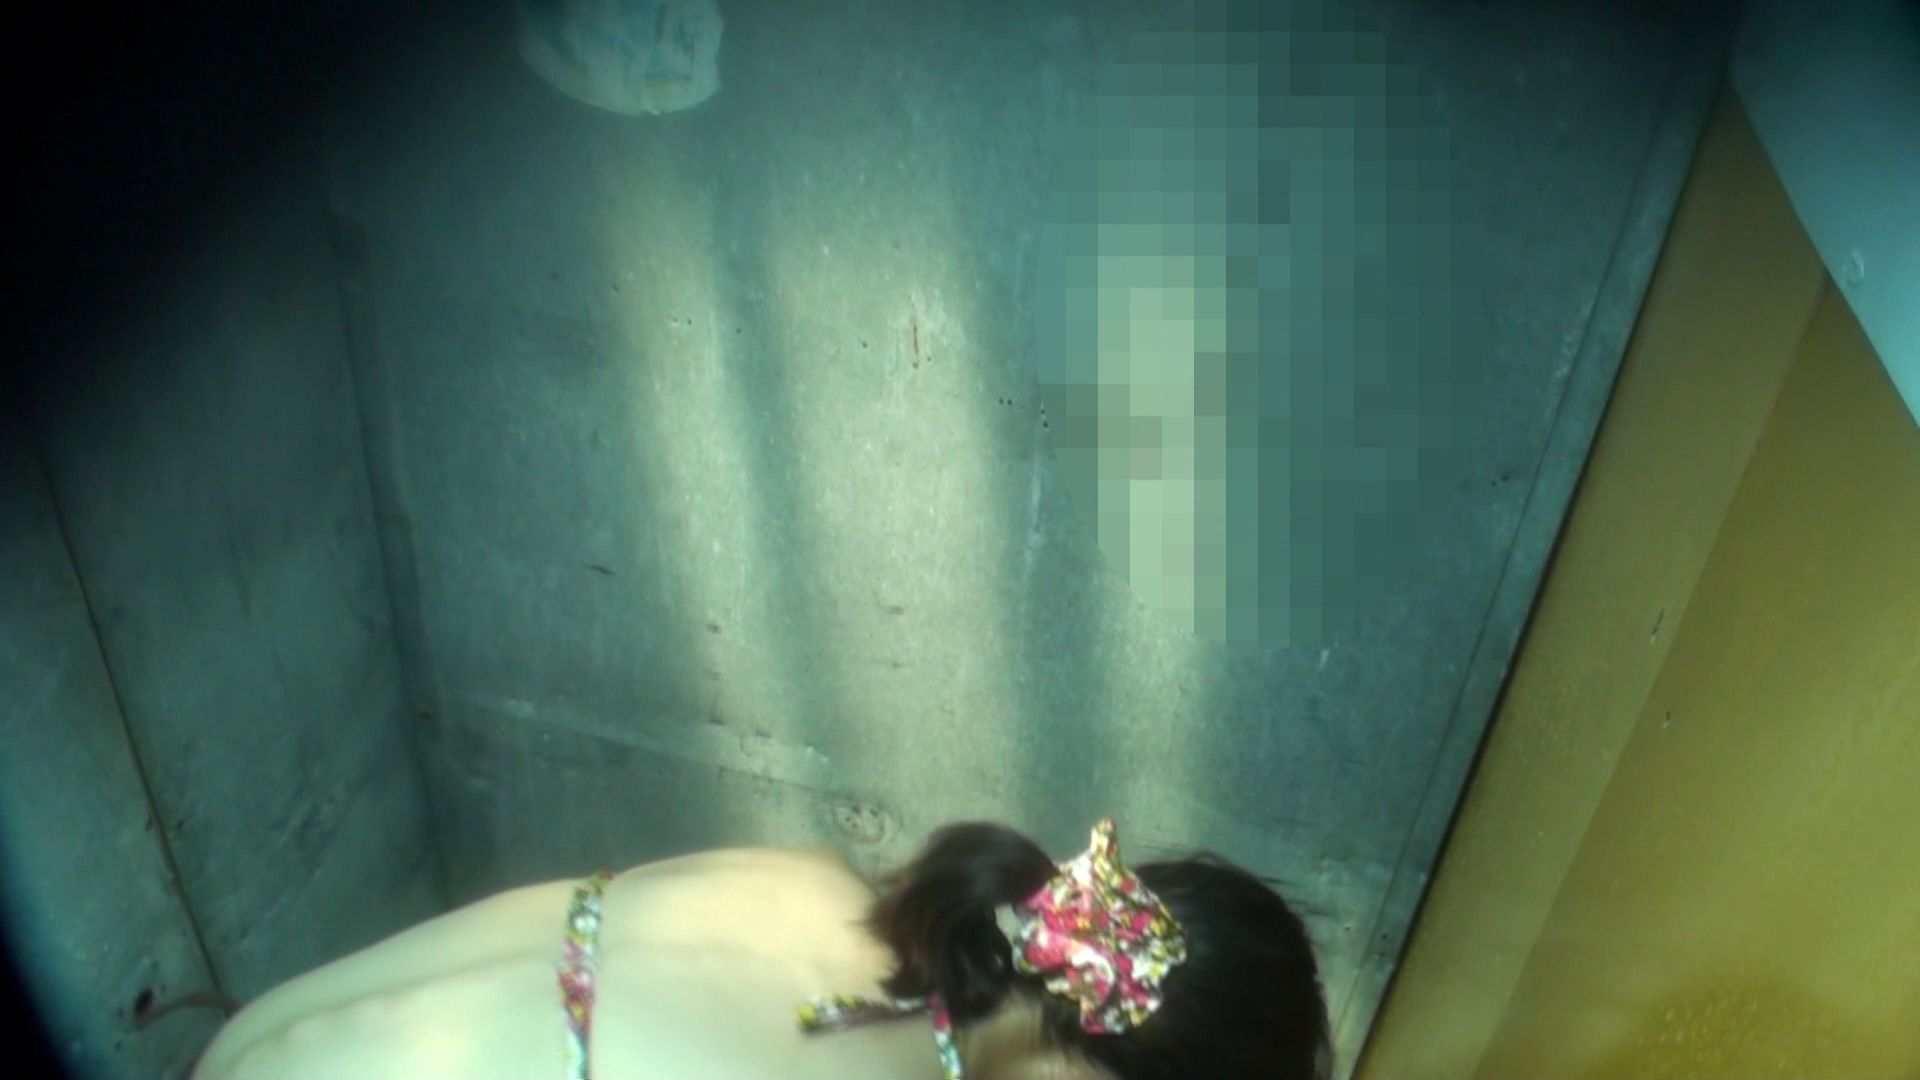 シャワールームは超!!危険な香りVol.16 意外に乳首は年増のそれ シャワー エロ無料画像 97pic 71